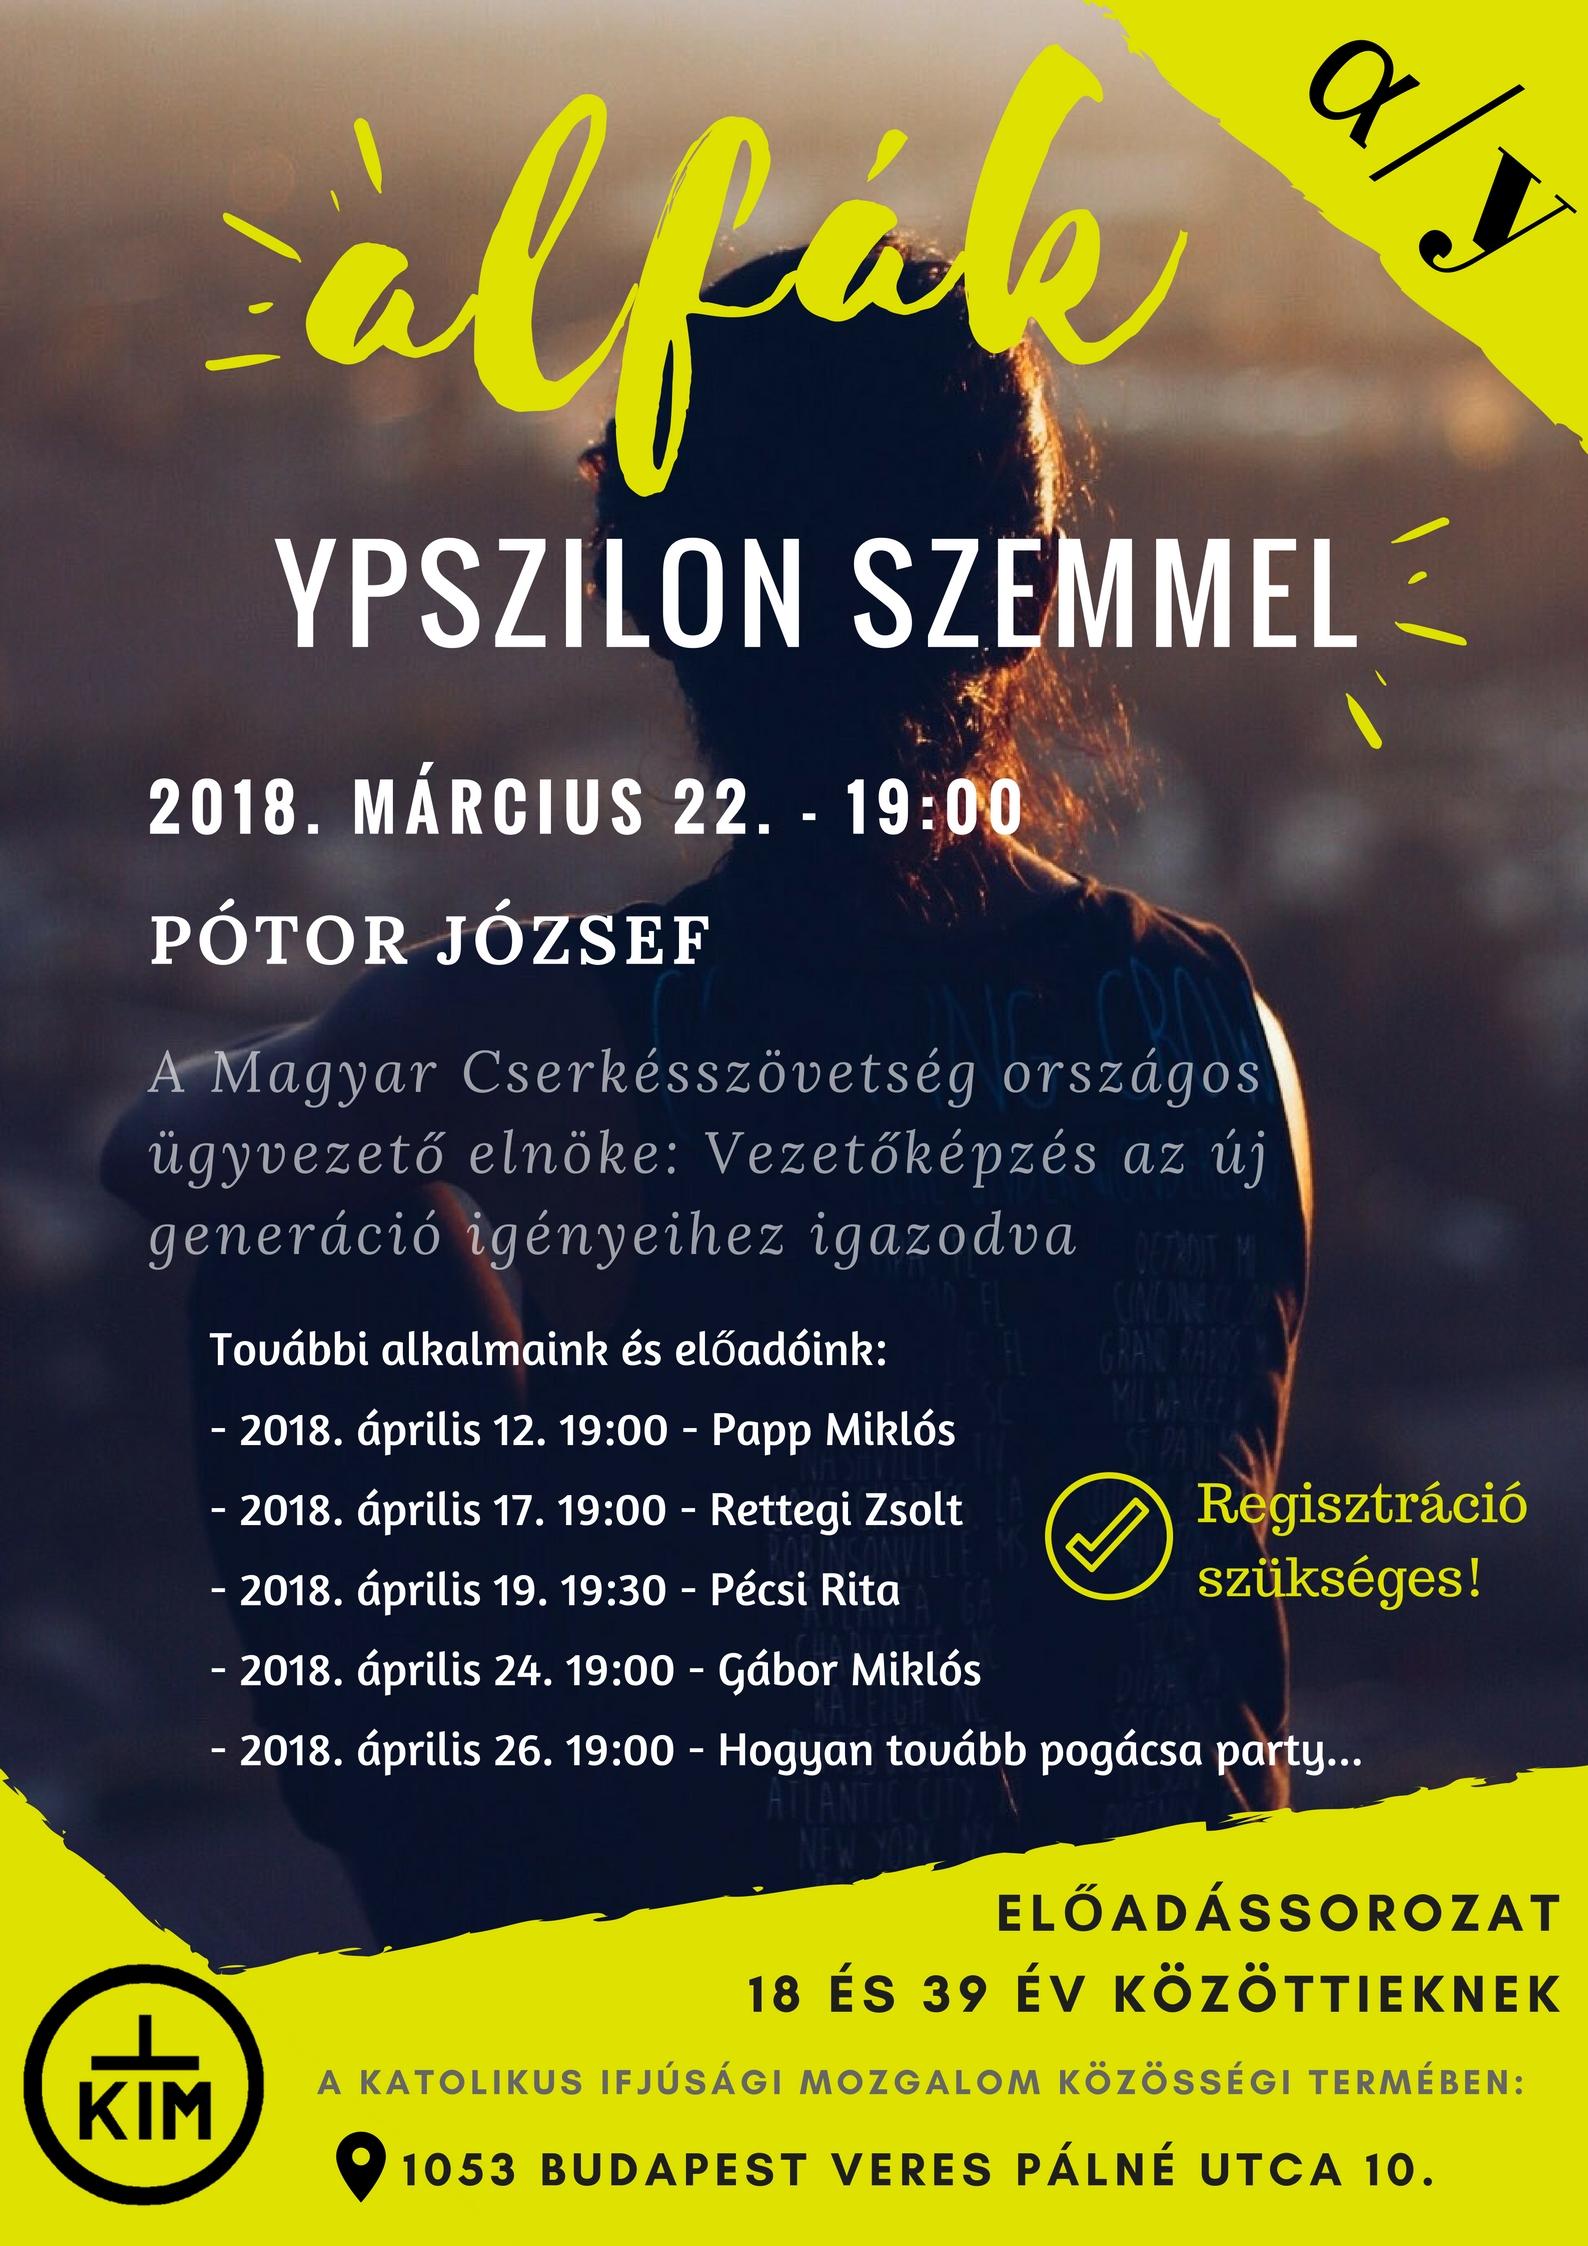 Alfák Ypszilon szemmel: előadássorozat a KIM szervezésében